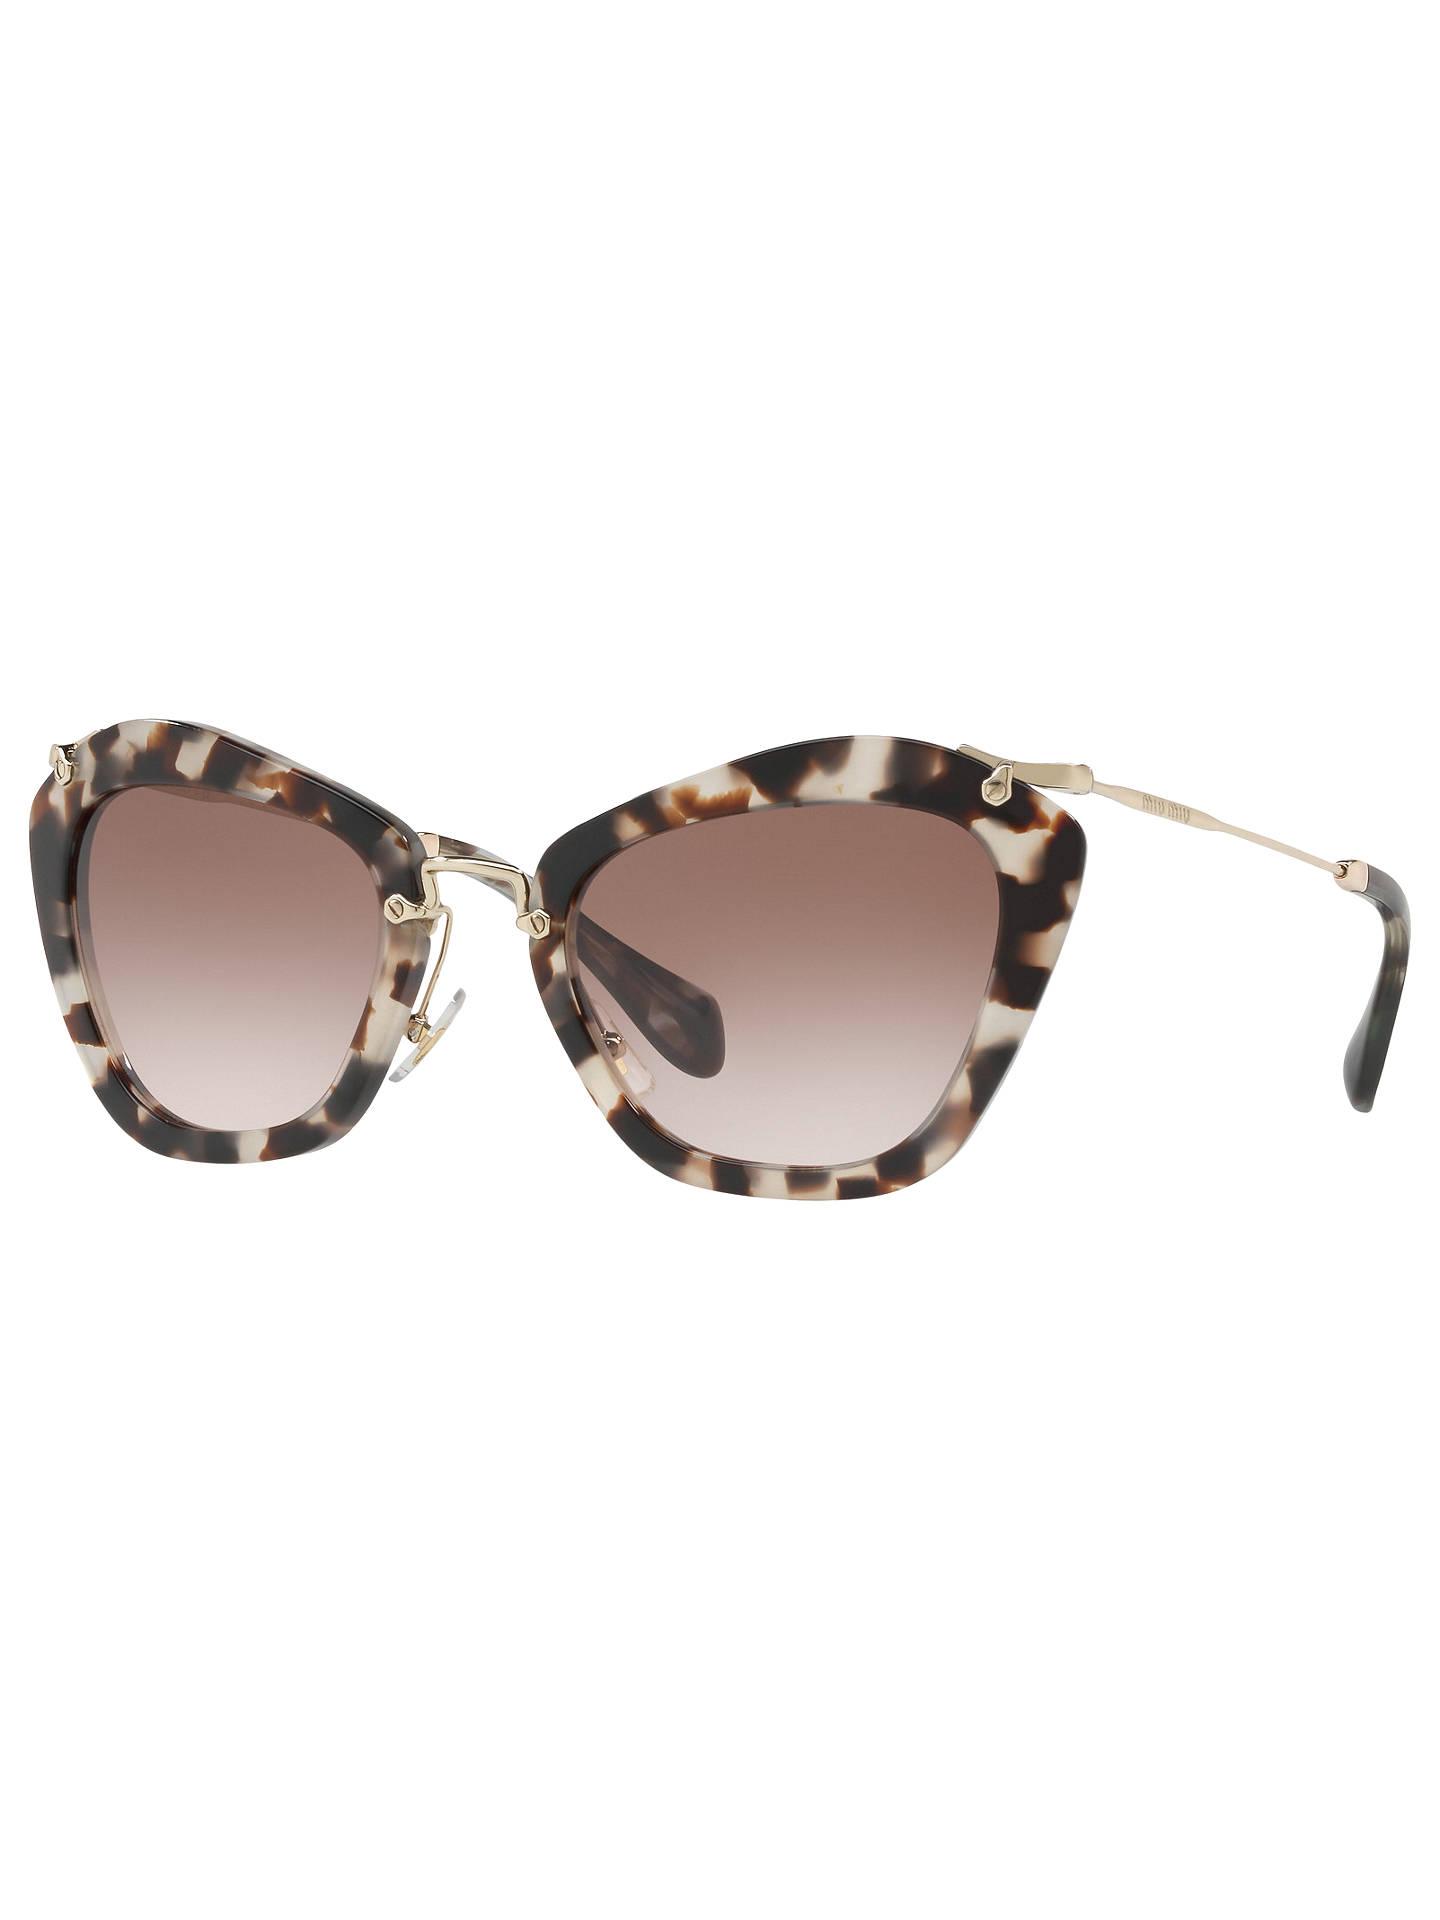 c56a639e039e Miu Miu MU 10NS Pentagonal Cat s Eye Sunglasses at John Lewis   Partners